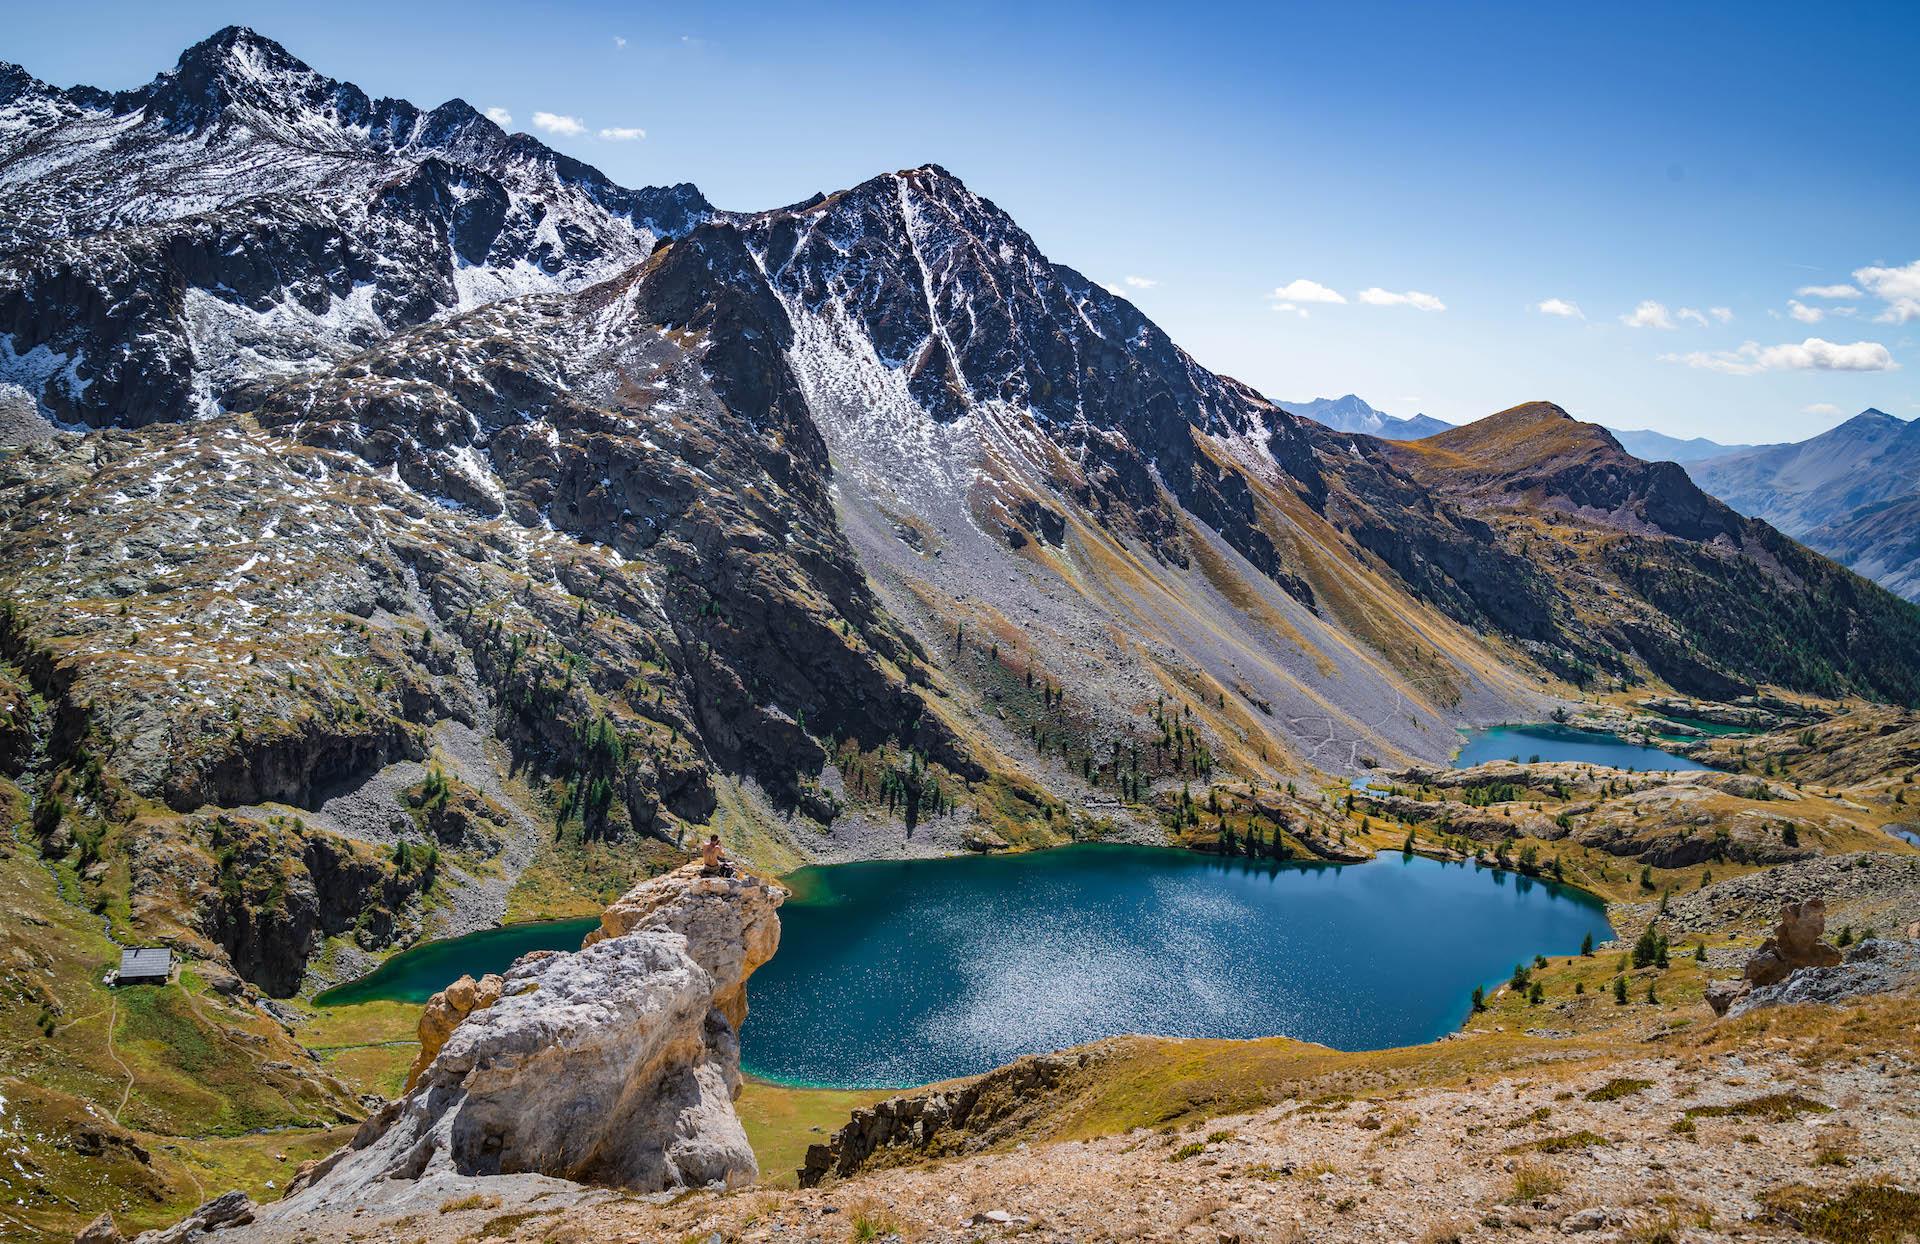 Lacs de Vens - Département des Alpes-Maritimes